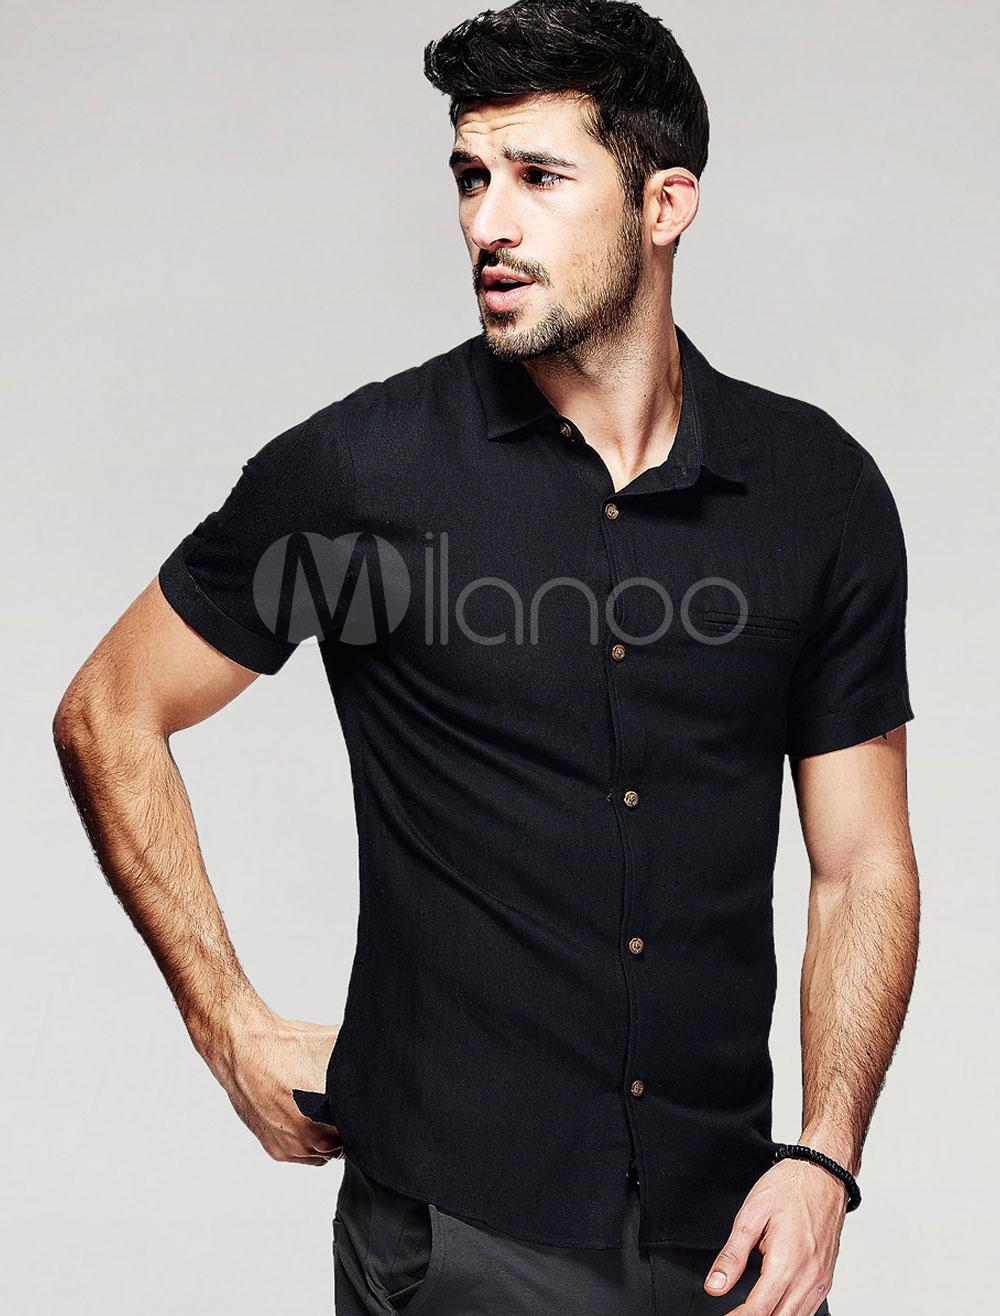 schwarze casual slim shirt f r m nner mit kurzen rmeln. Black Bedroom Furniture Sets. Home Design Ideas